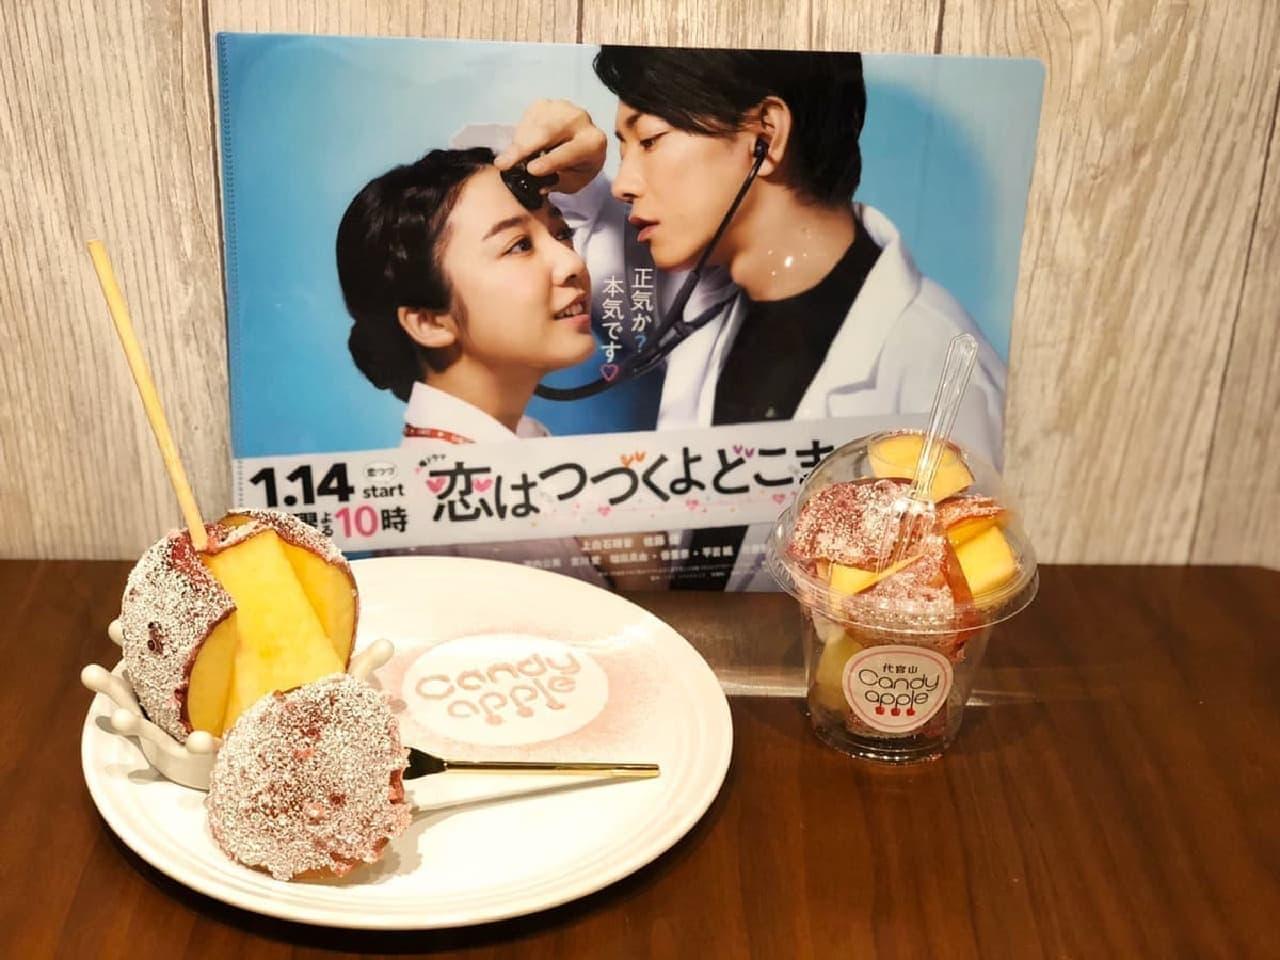 キャンディーアップル「ホワイトチョコレートりんご飴」